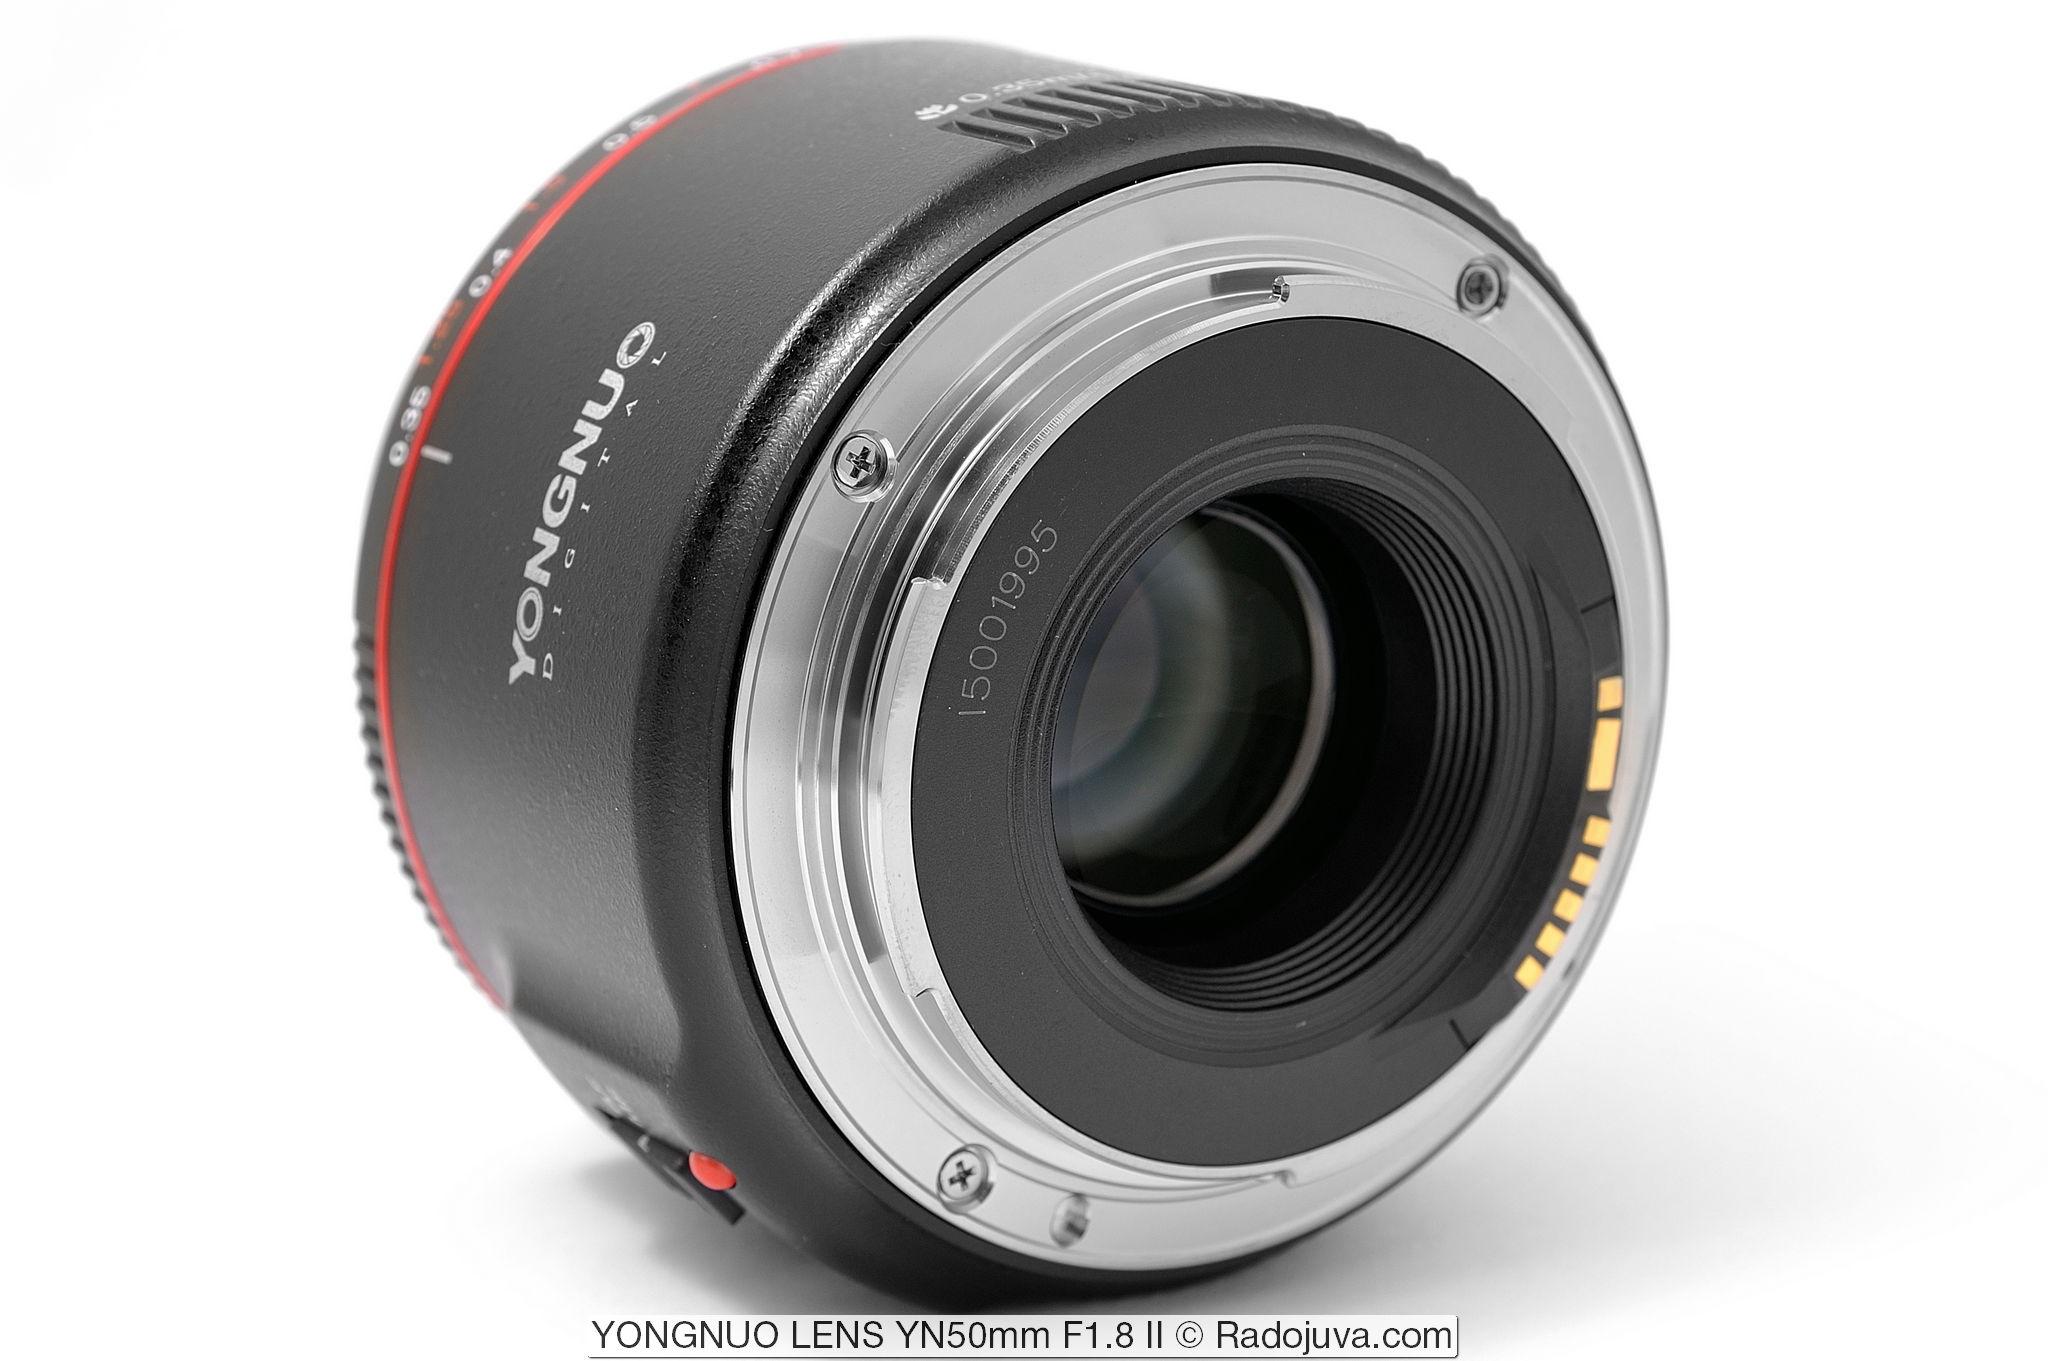 YONGNUO LENS YN50mm F1.8 II